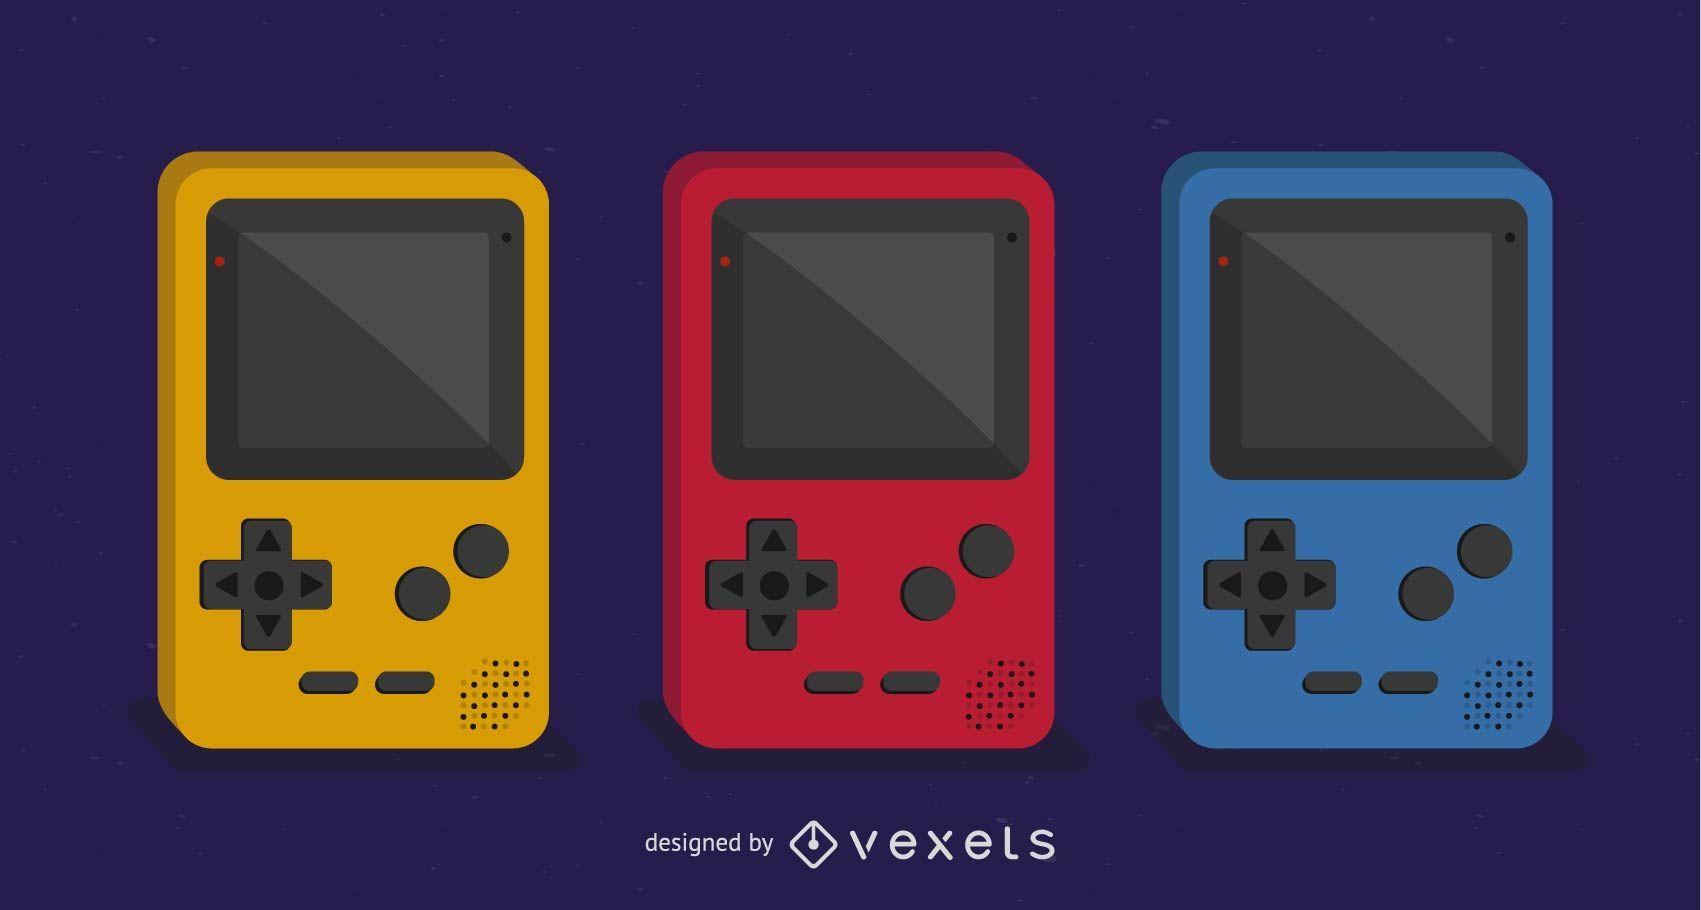 Video games gadgets